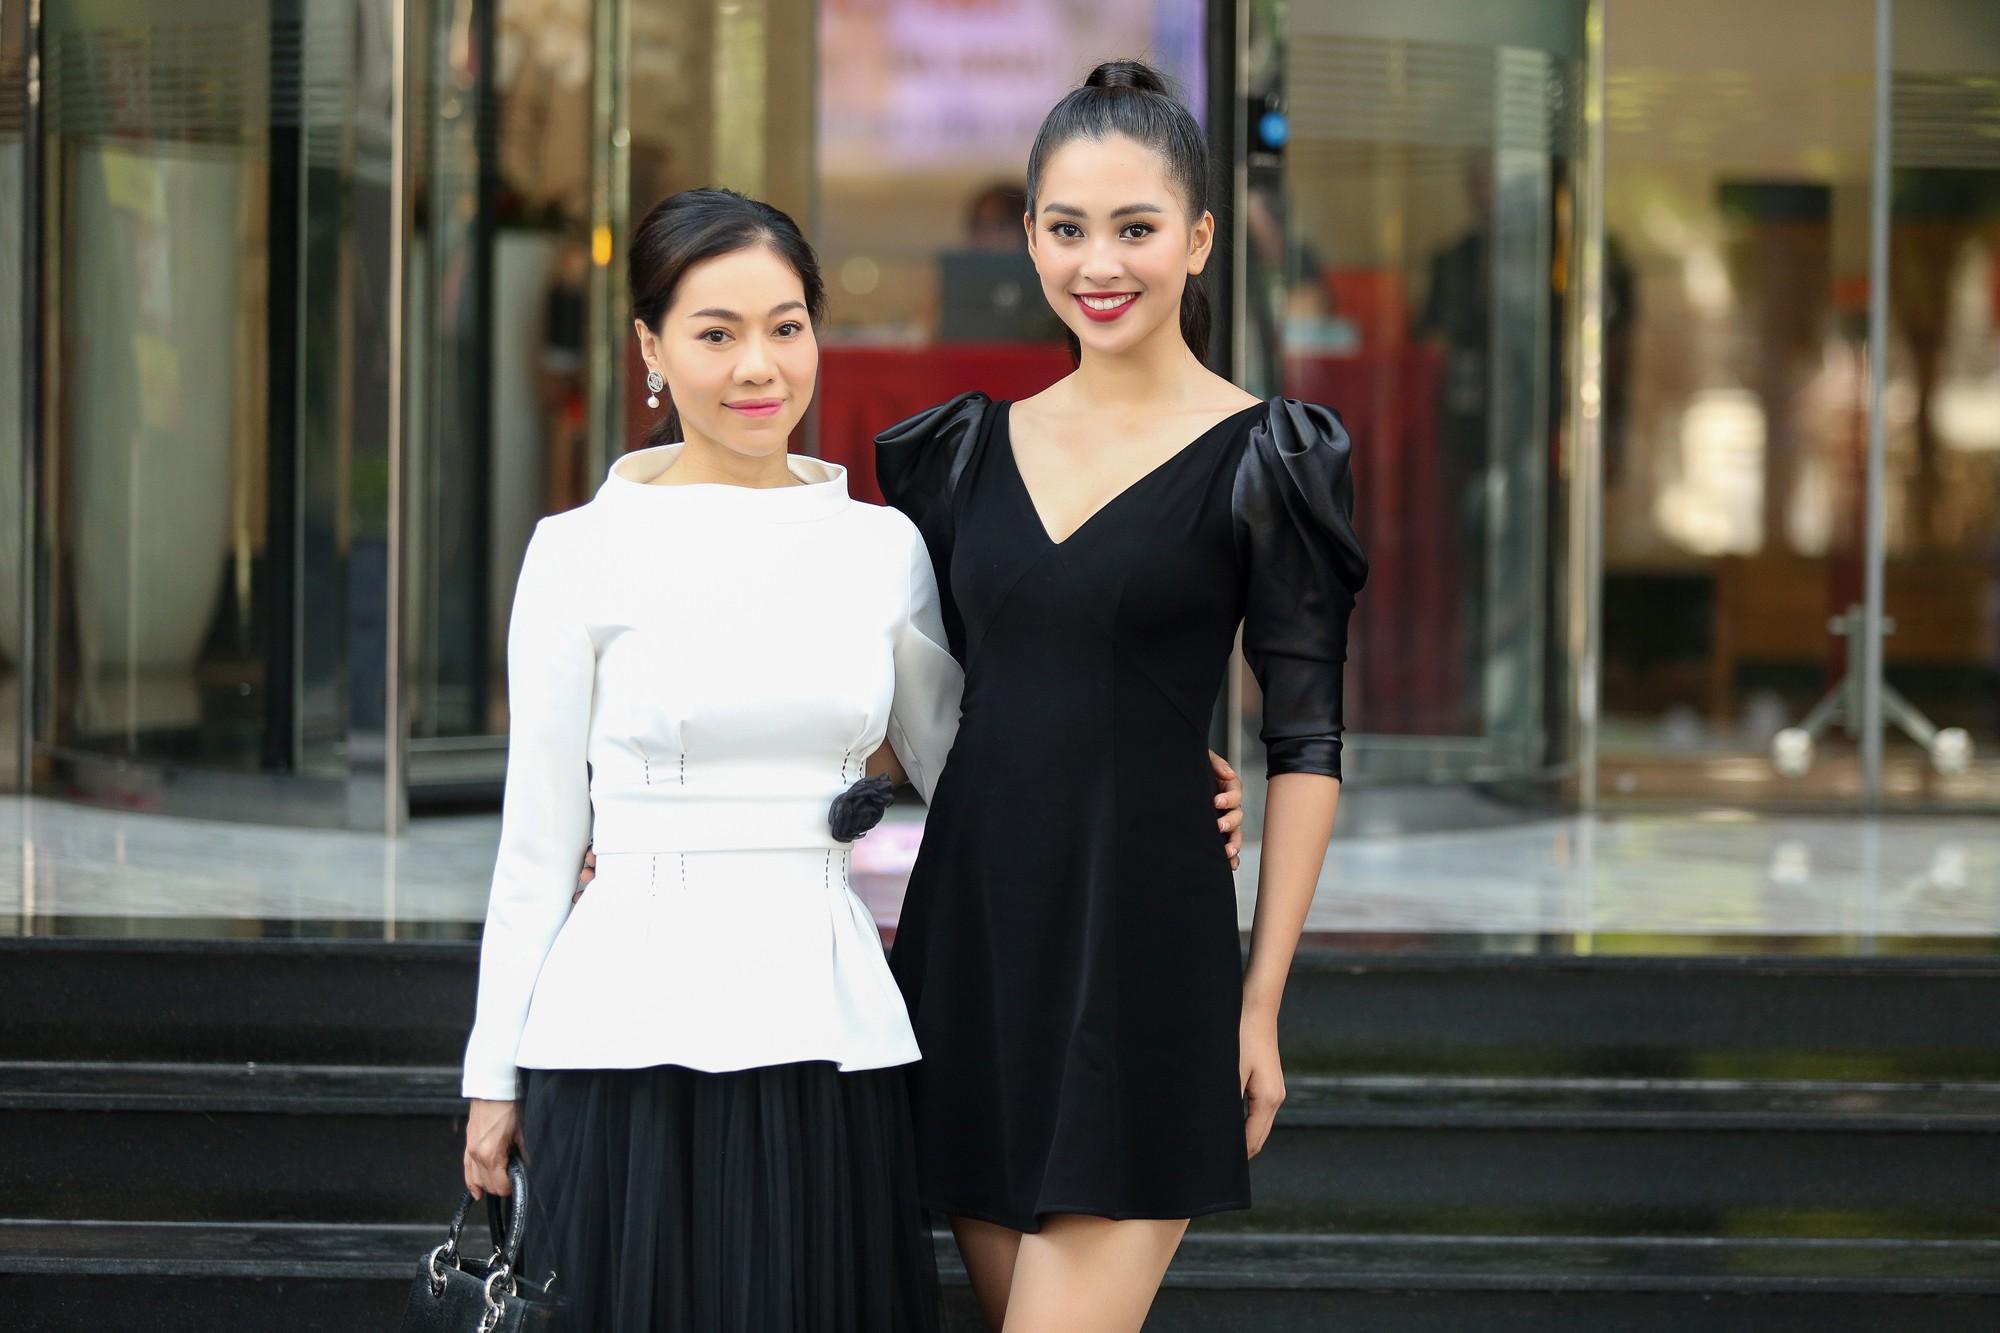 Mai Phương Thúy, Tiểu Vy đọ sắc tại vòng sơ khảo Hoa hậu Thế giới Việt Nam 2019   - Ảnh 4.